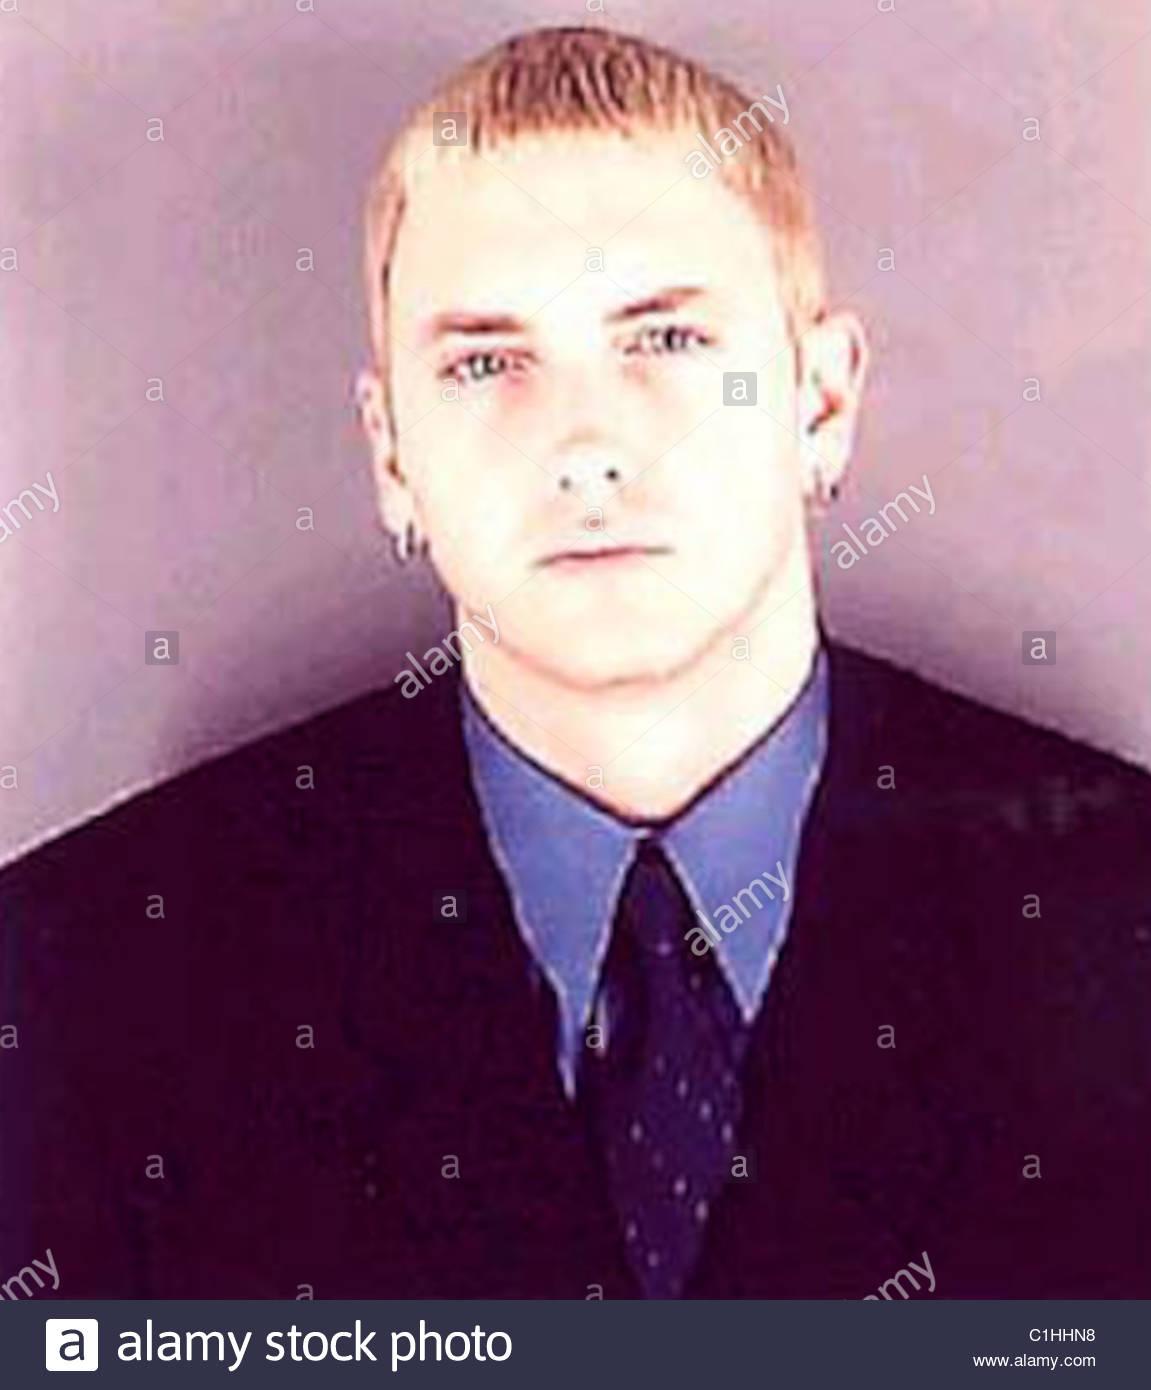 Marshall Mathers Eminem Mugshot - Stock Image